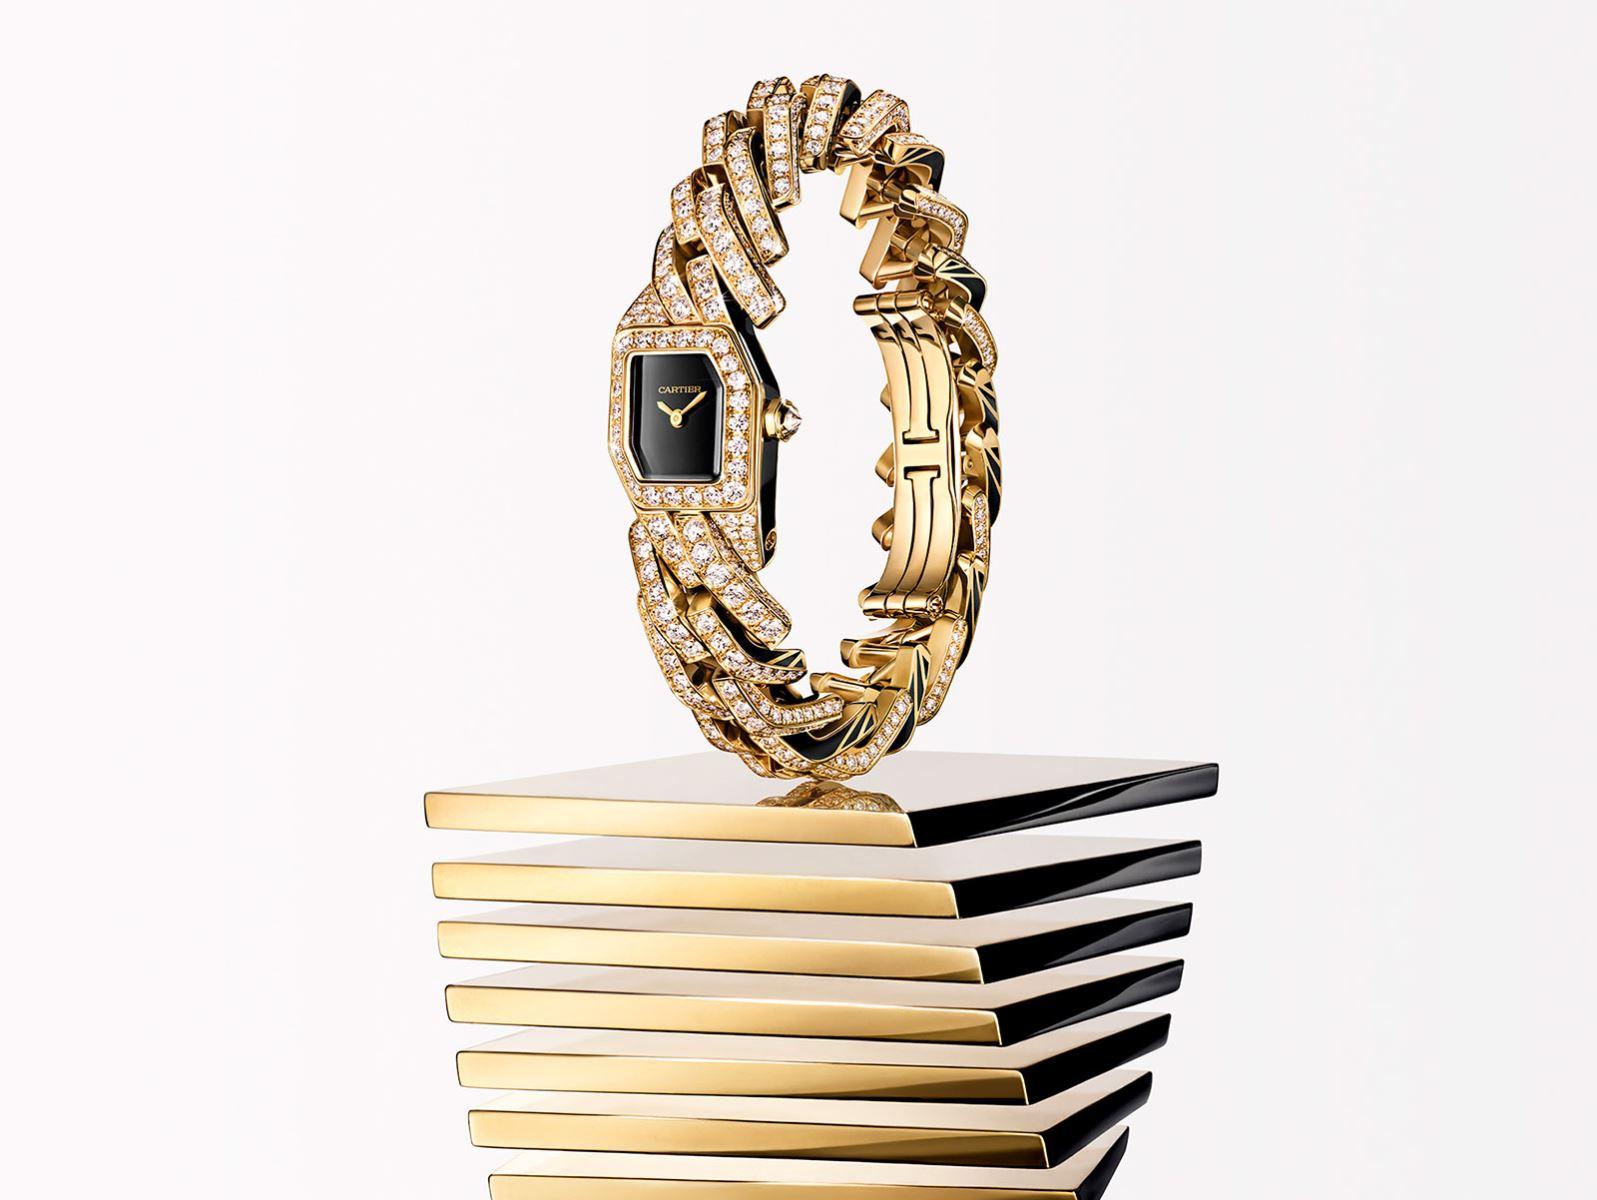 Điểm danh những thương hiệu đồng hồ sở hữu thiết kế dây đeo sáng tạo